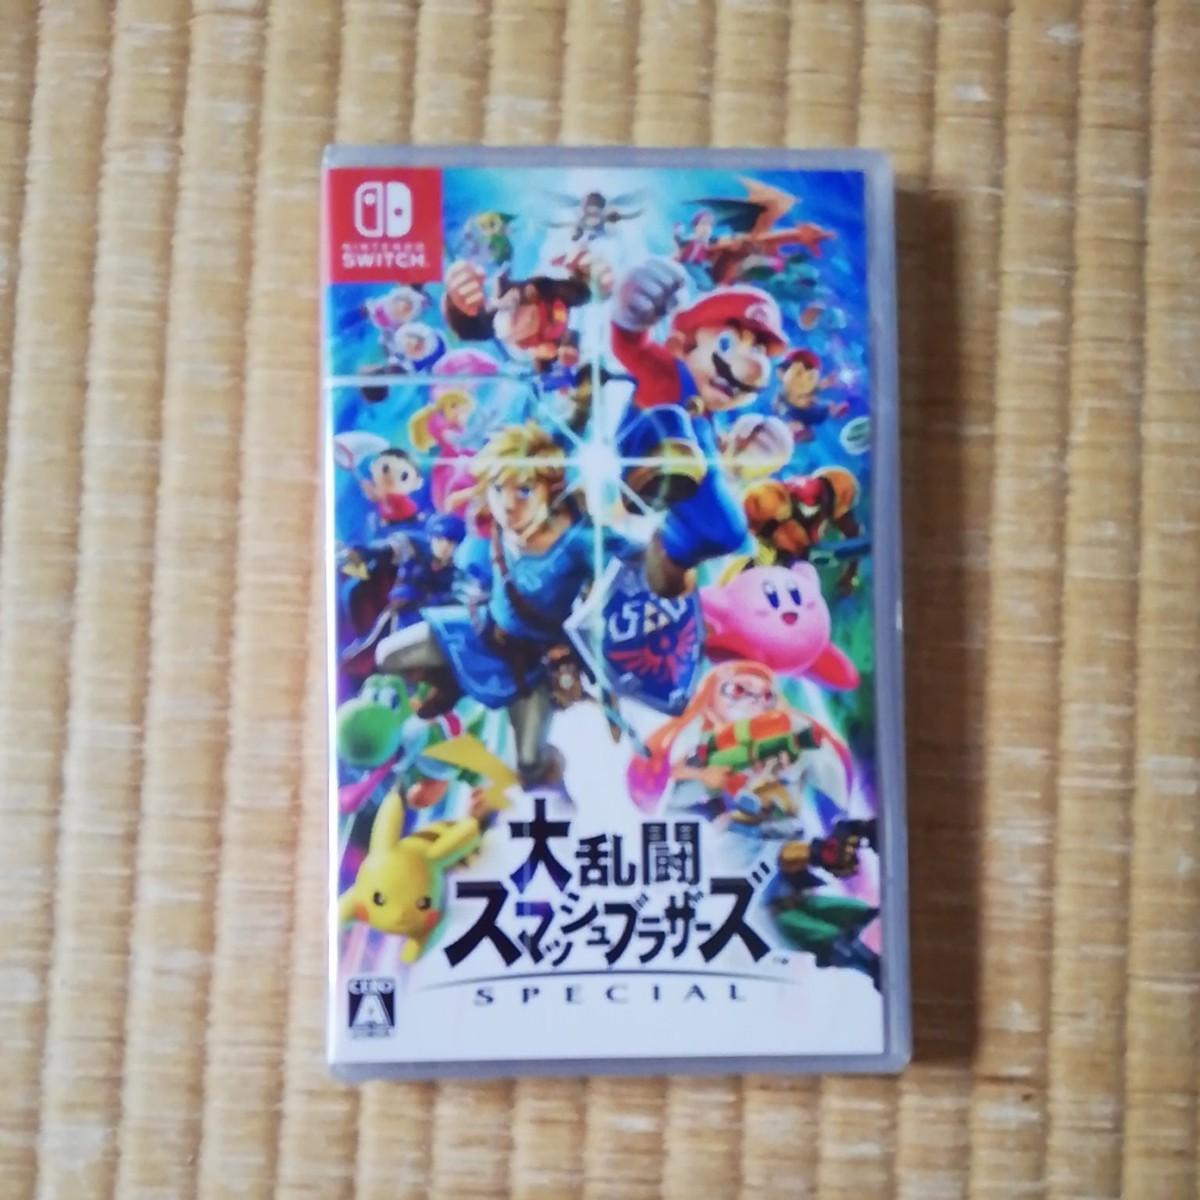 大乱闘スマッシュブラザーズSPECIAL &マインクラフト① Nintendo Switch